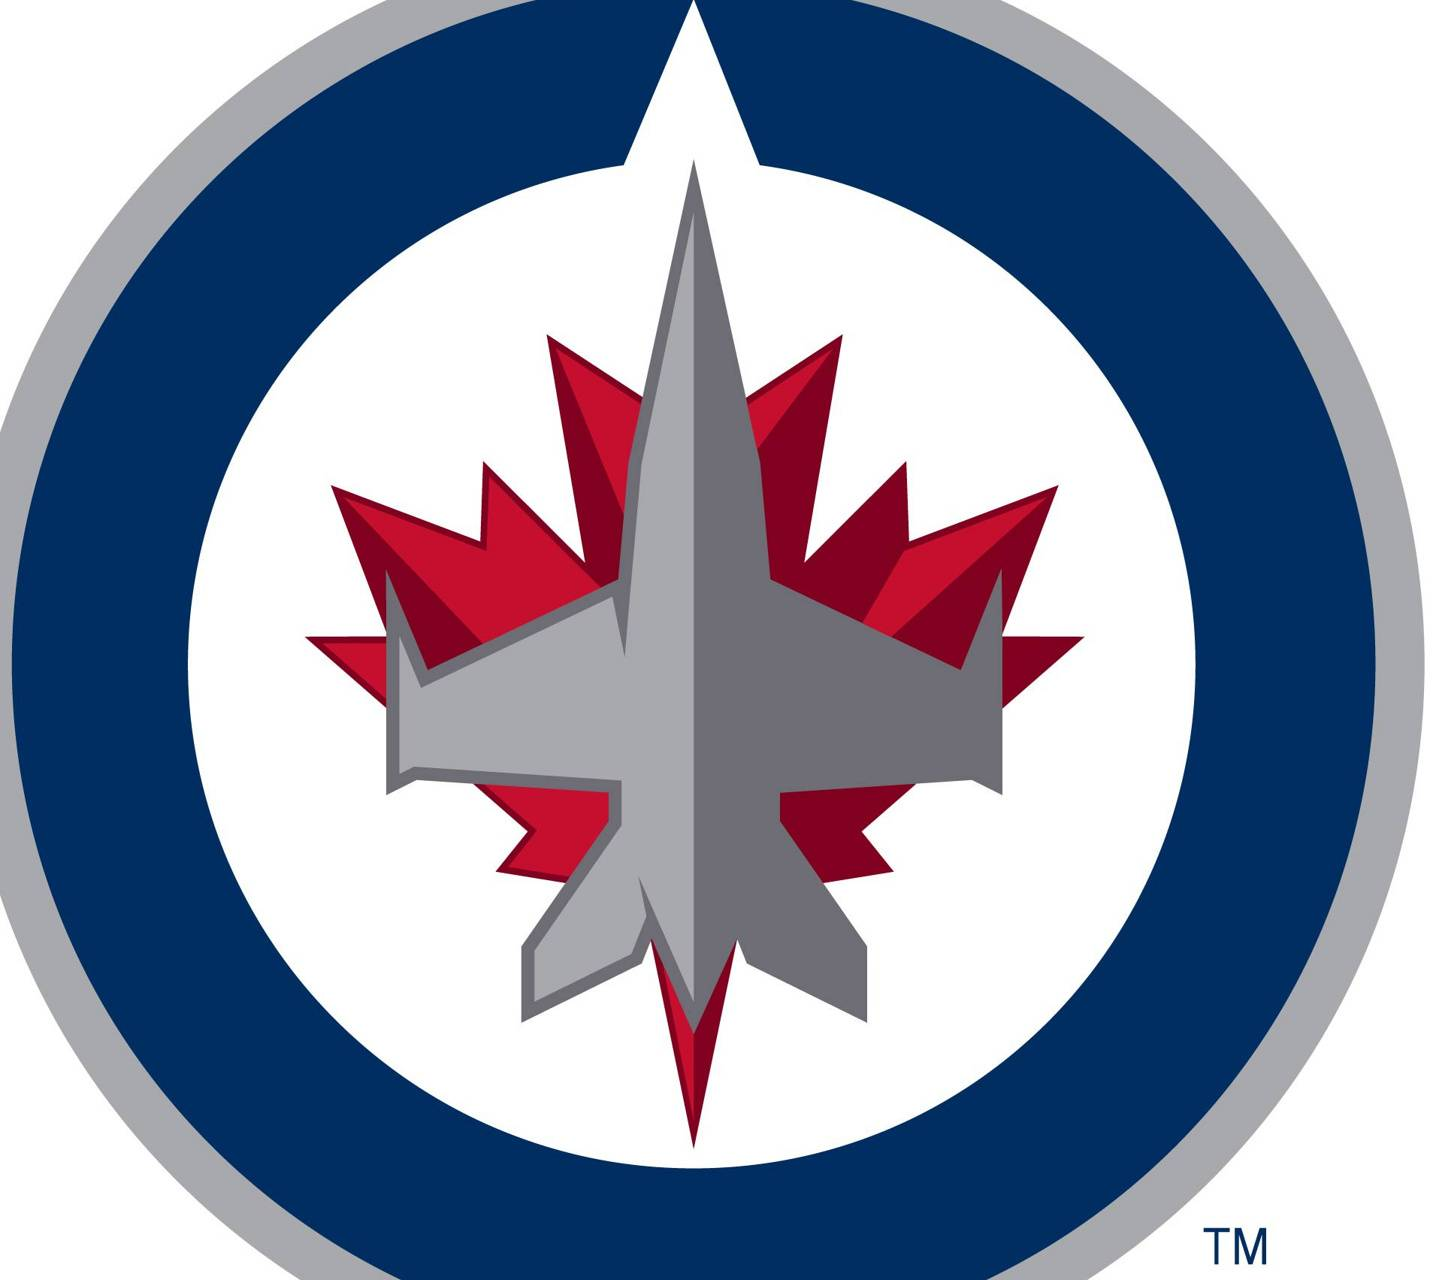 Winnipeg Jets Wallpaper By Rich494 7d Free On Zedge